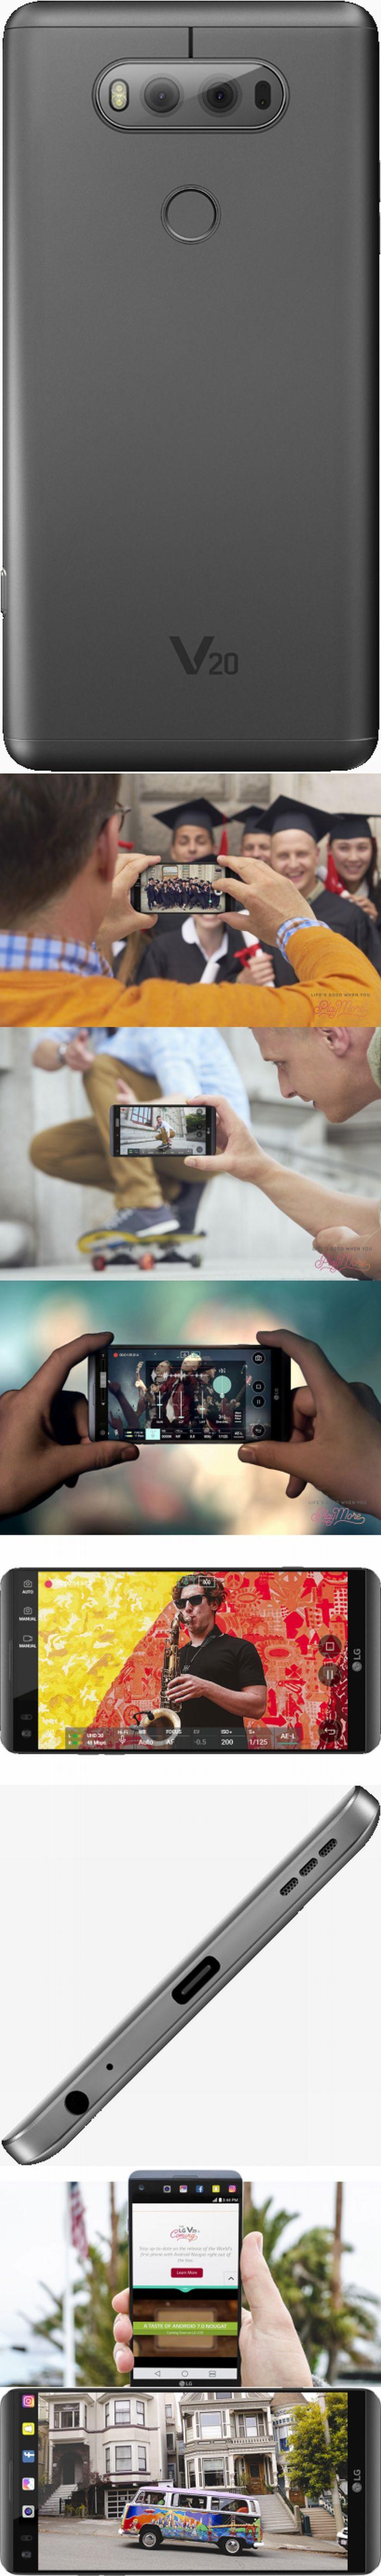 LG V20: a világ első Nougat mobilja, két kijelzővel